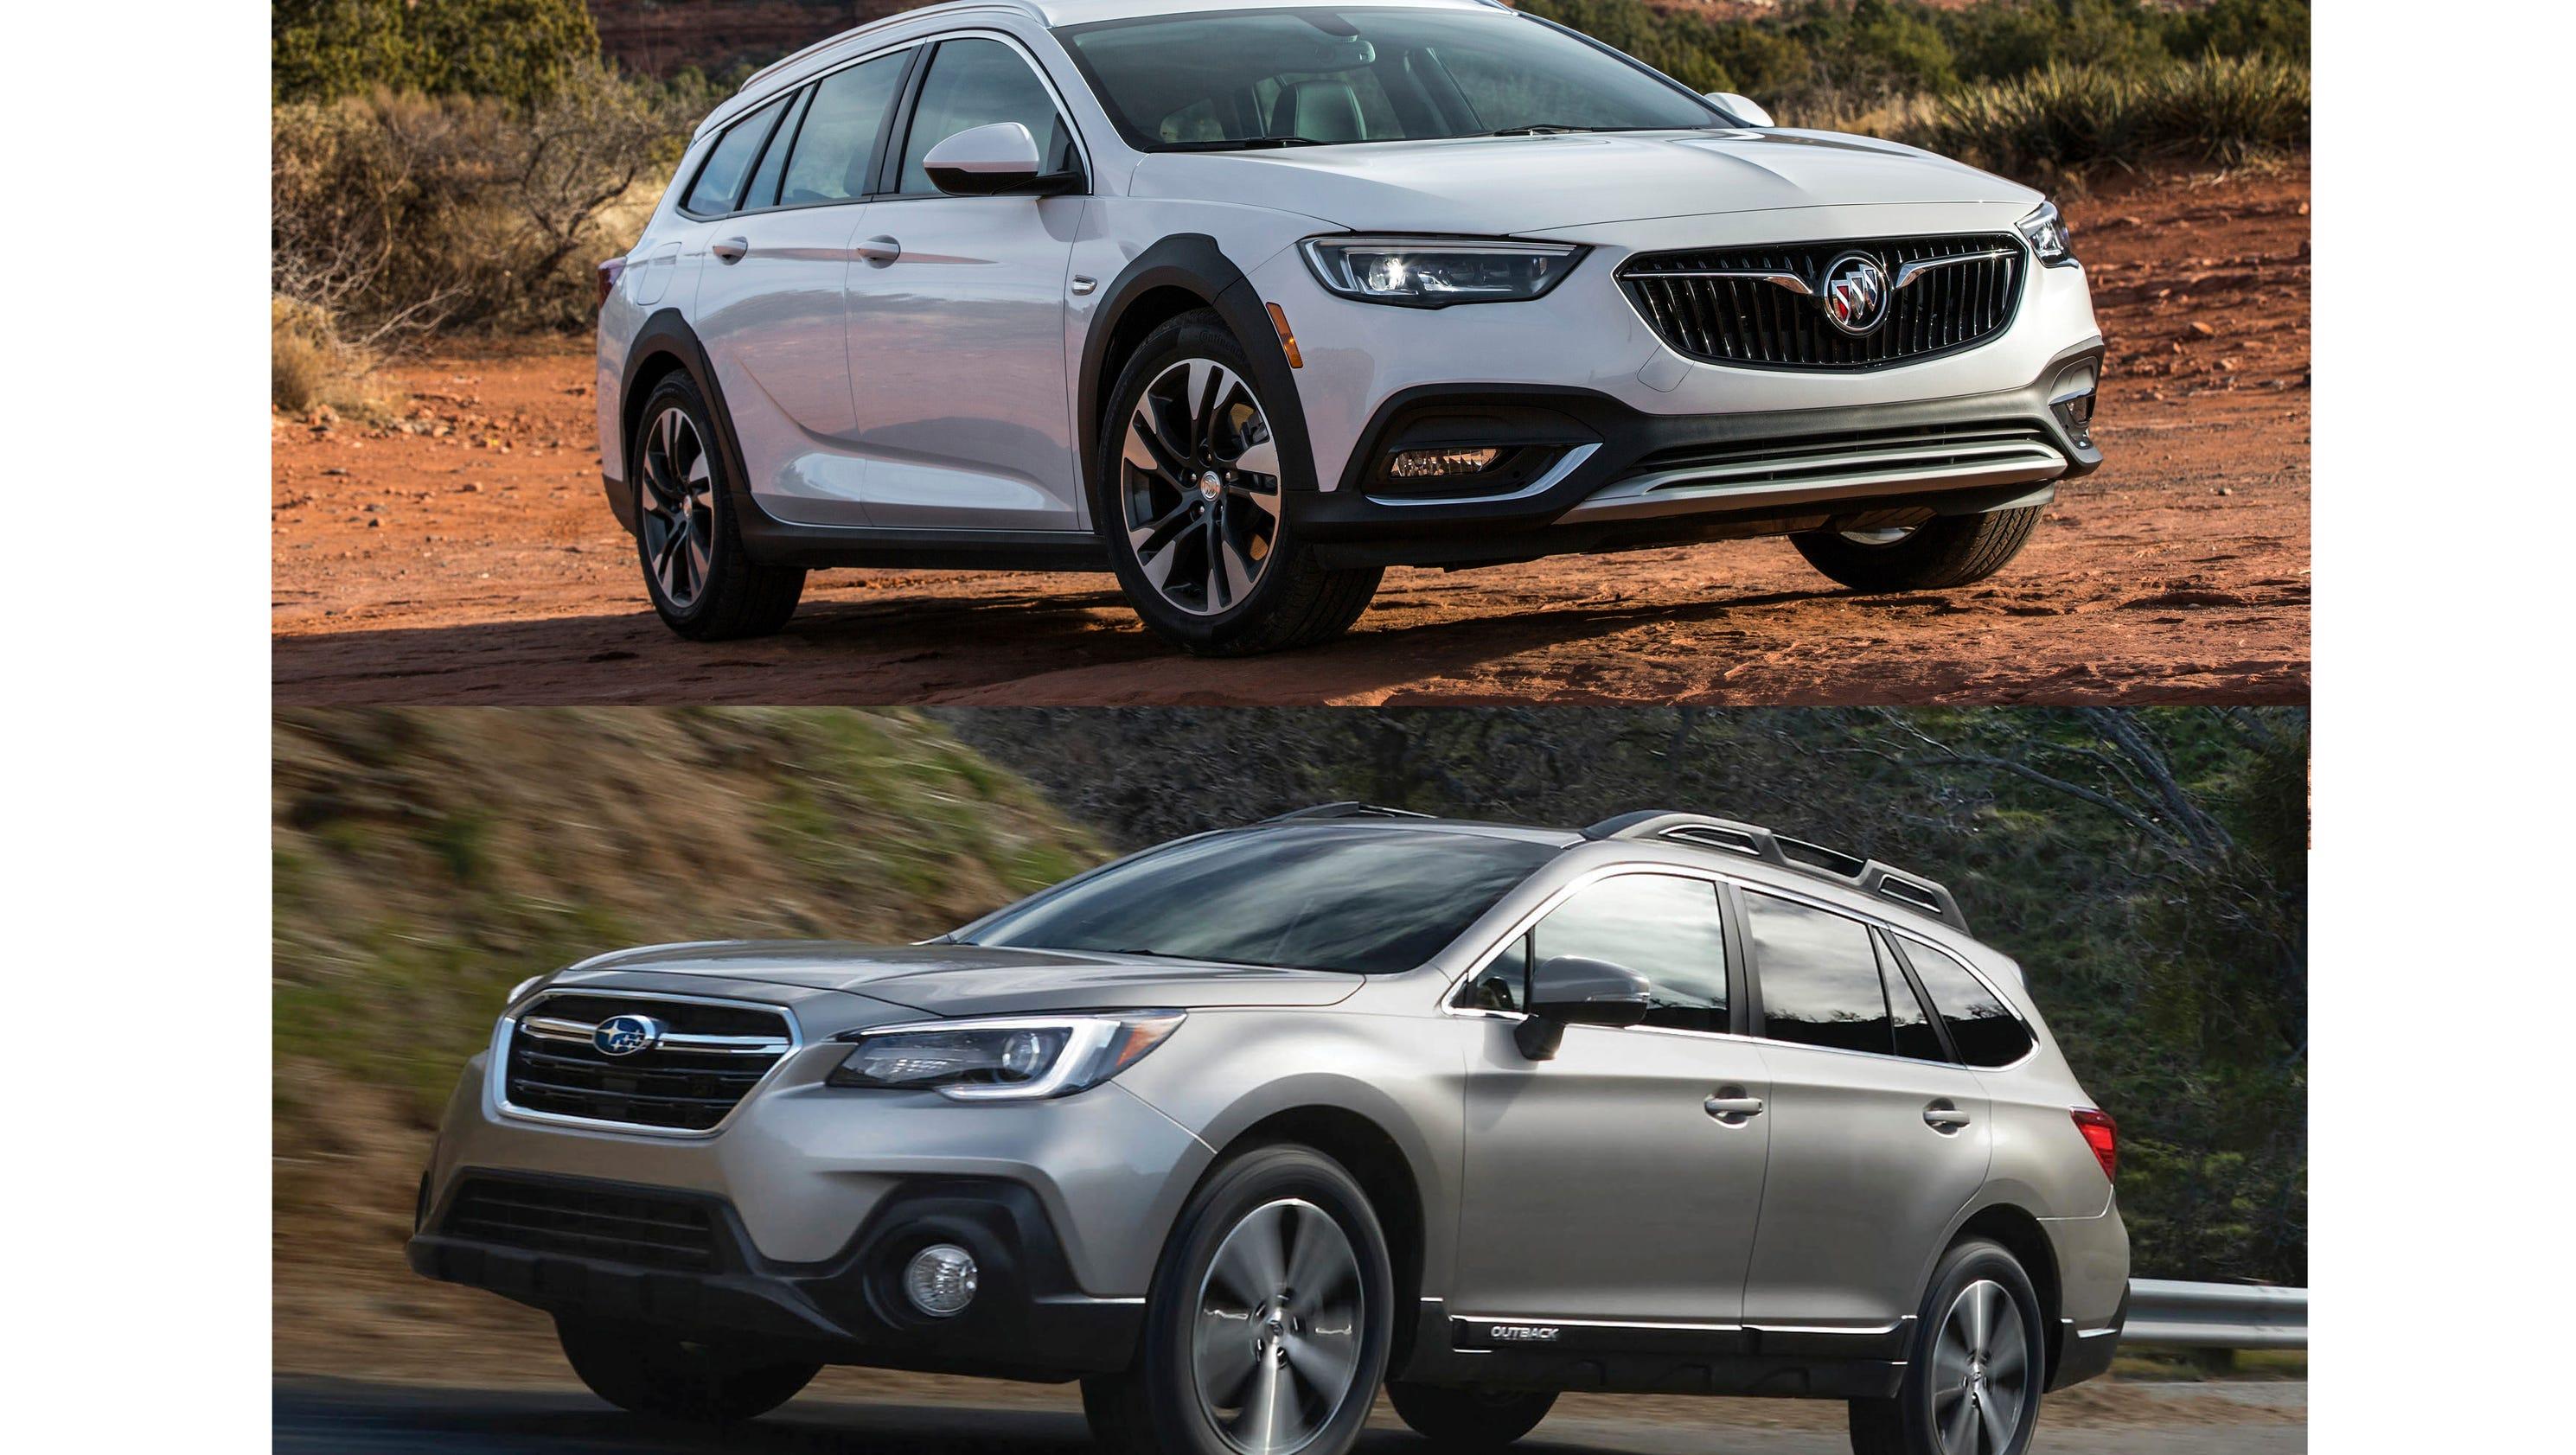 Sport wagons: Edmunds compares Subaru Outback and Buick Regal TourX